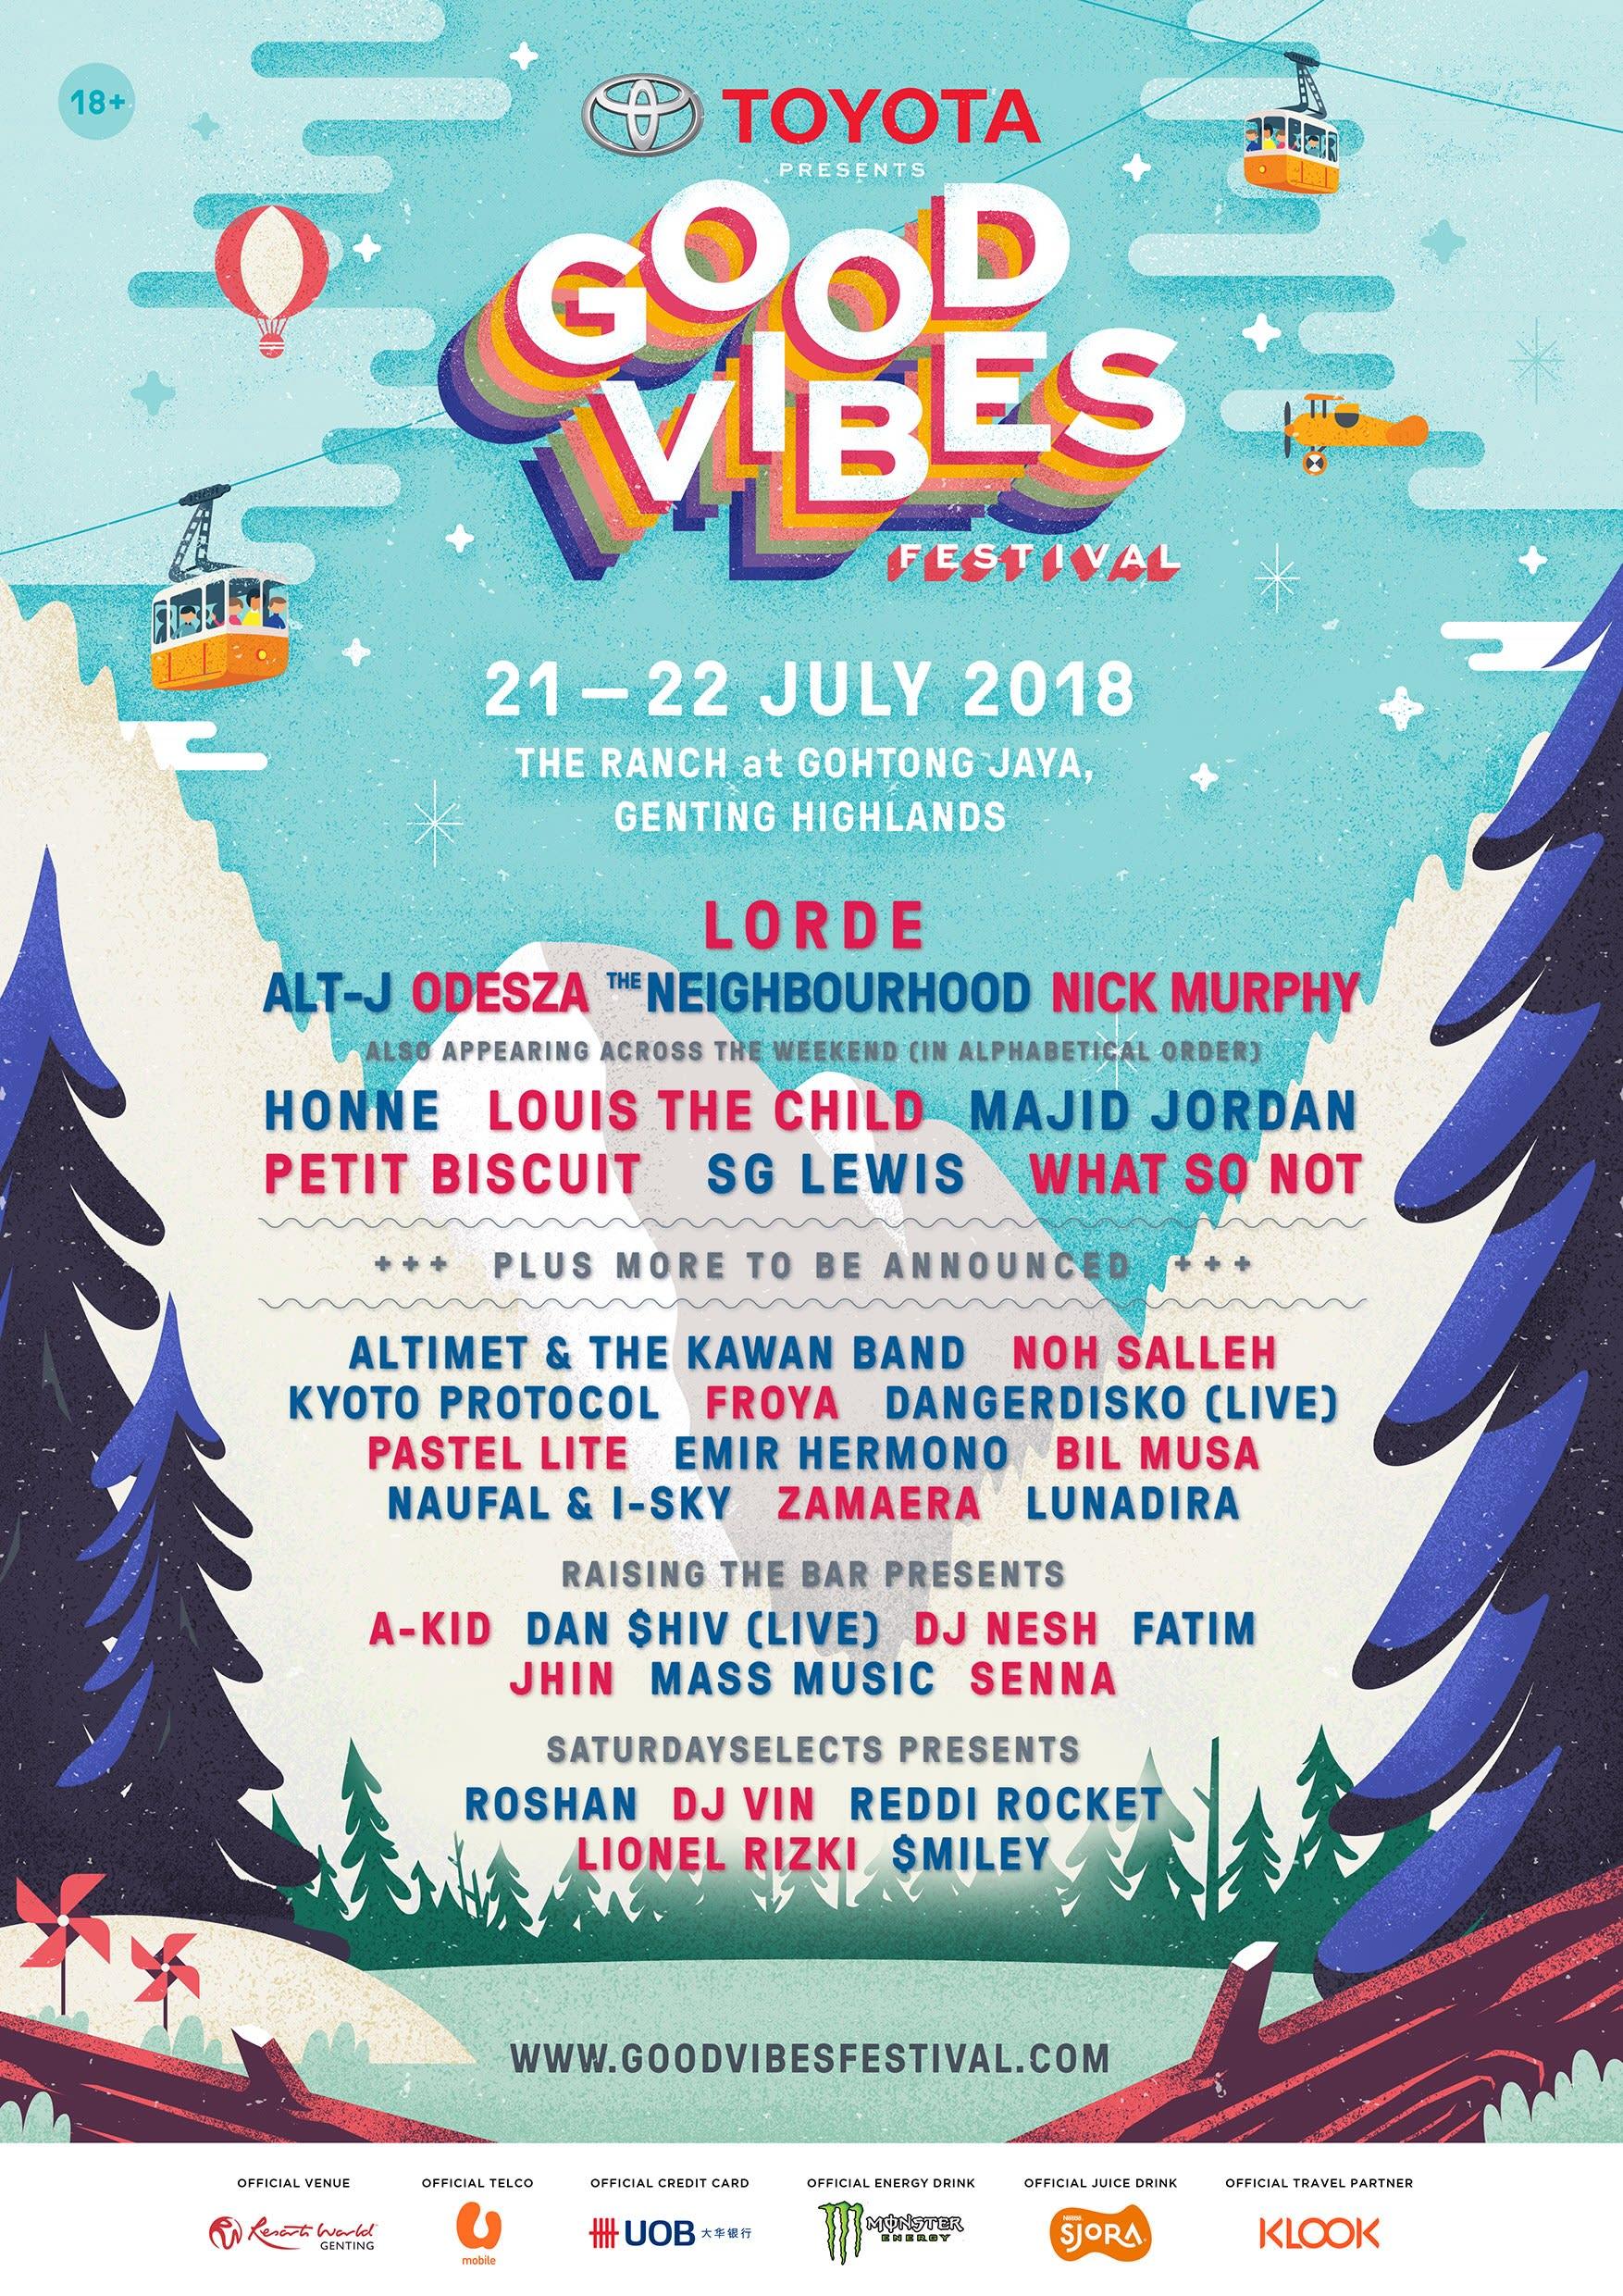 lorde odesza alt j va nhieu ngoi sao khac se co mat tai good vibes festival 2018 o malaysia 240518 1